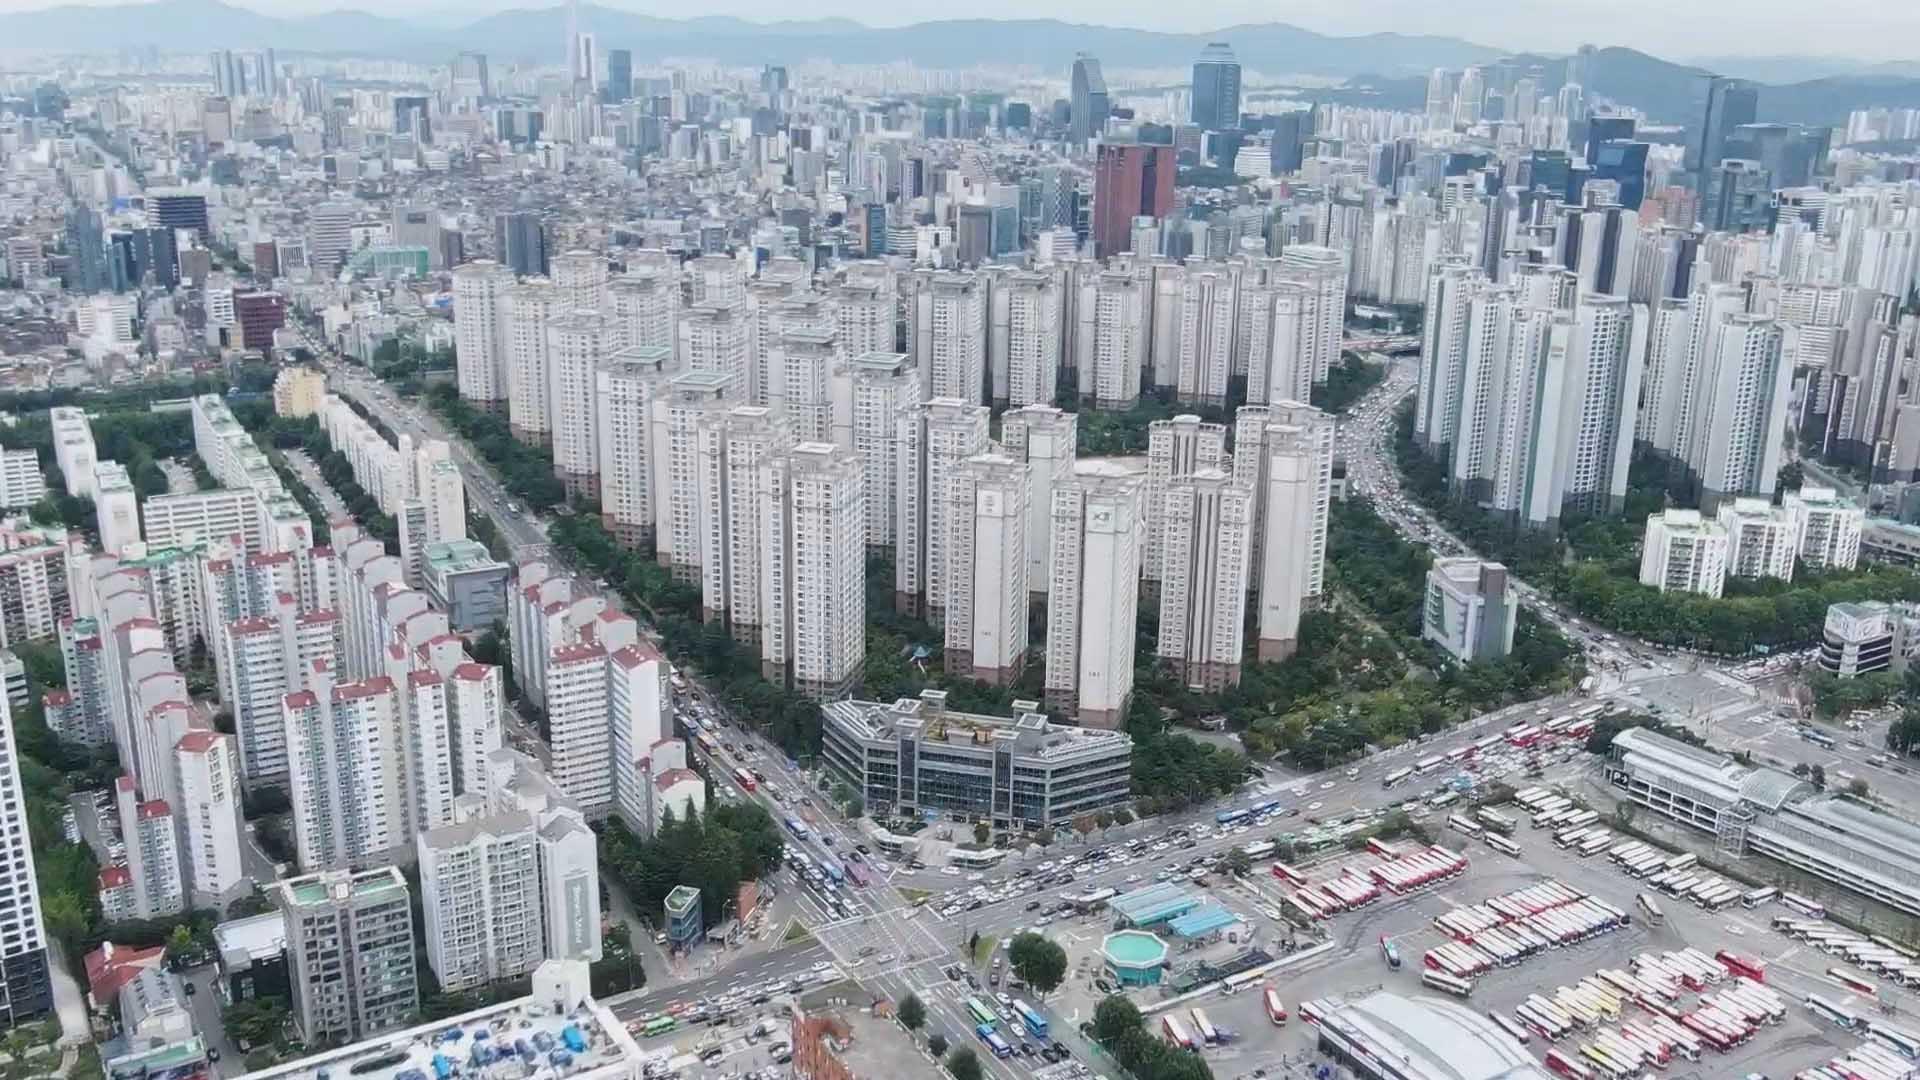 15억원 넘는 서울아파트 매매 올해 20% 증가